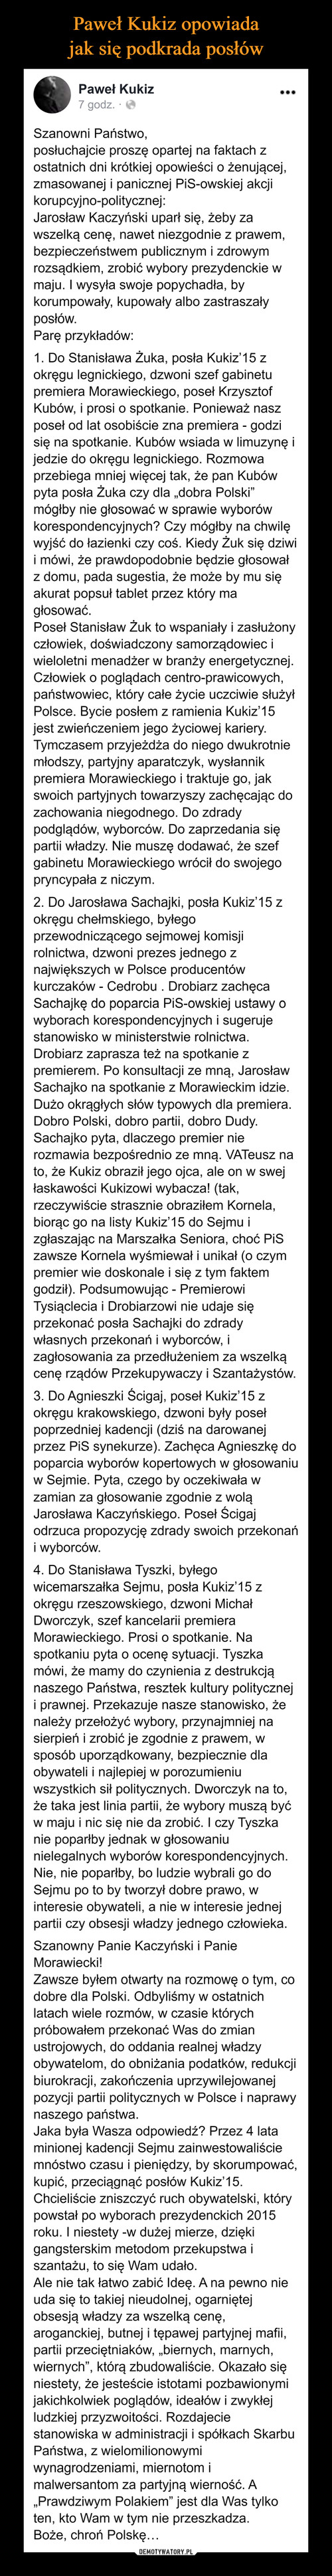 Paweł Kukiz opowiada jak się podkrada posłów